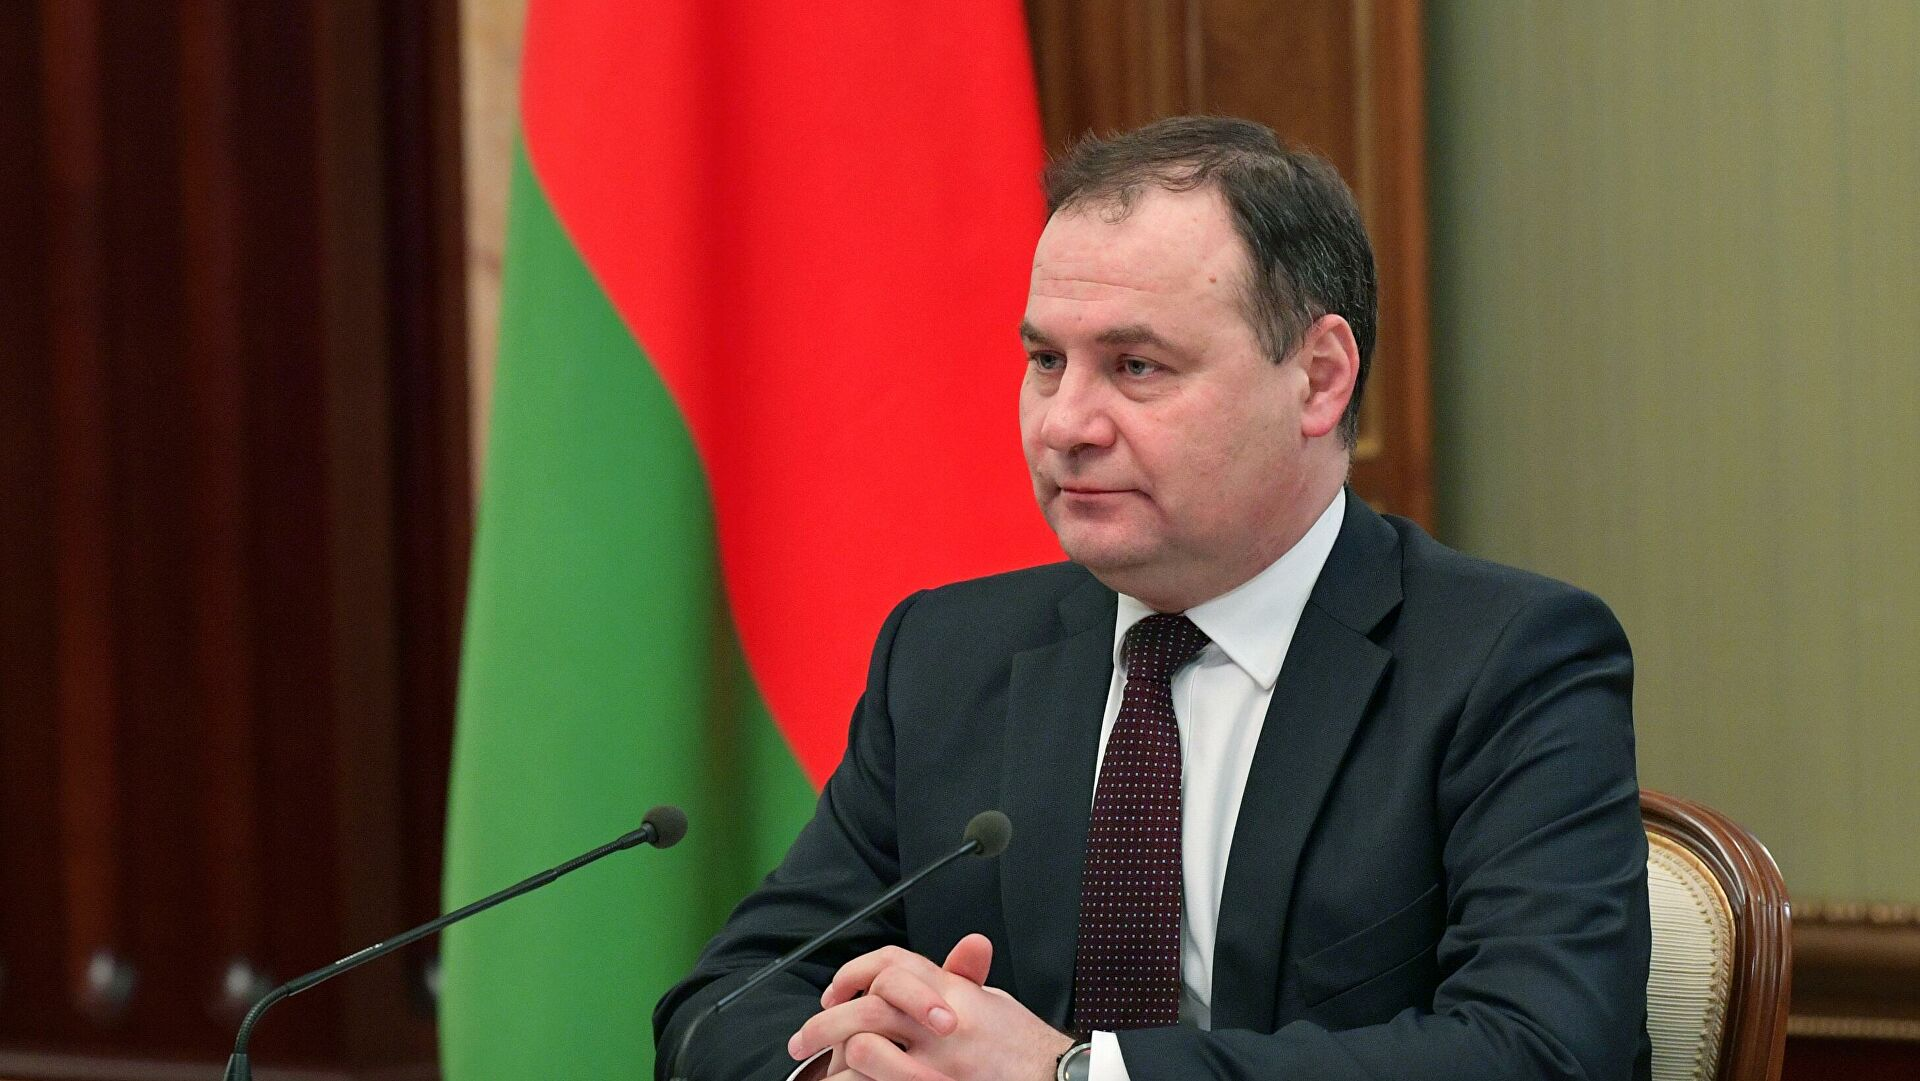 Белорусија спремна да реципрочно одговори на економске санкције Запада